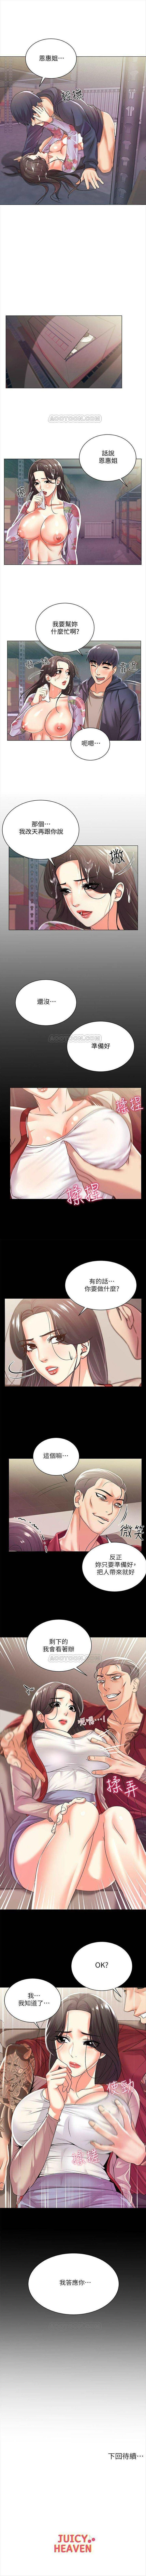 (週3)超市的漂亮姐姐 1-22 中文翻譯(更新中) 98